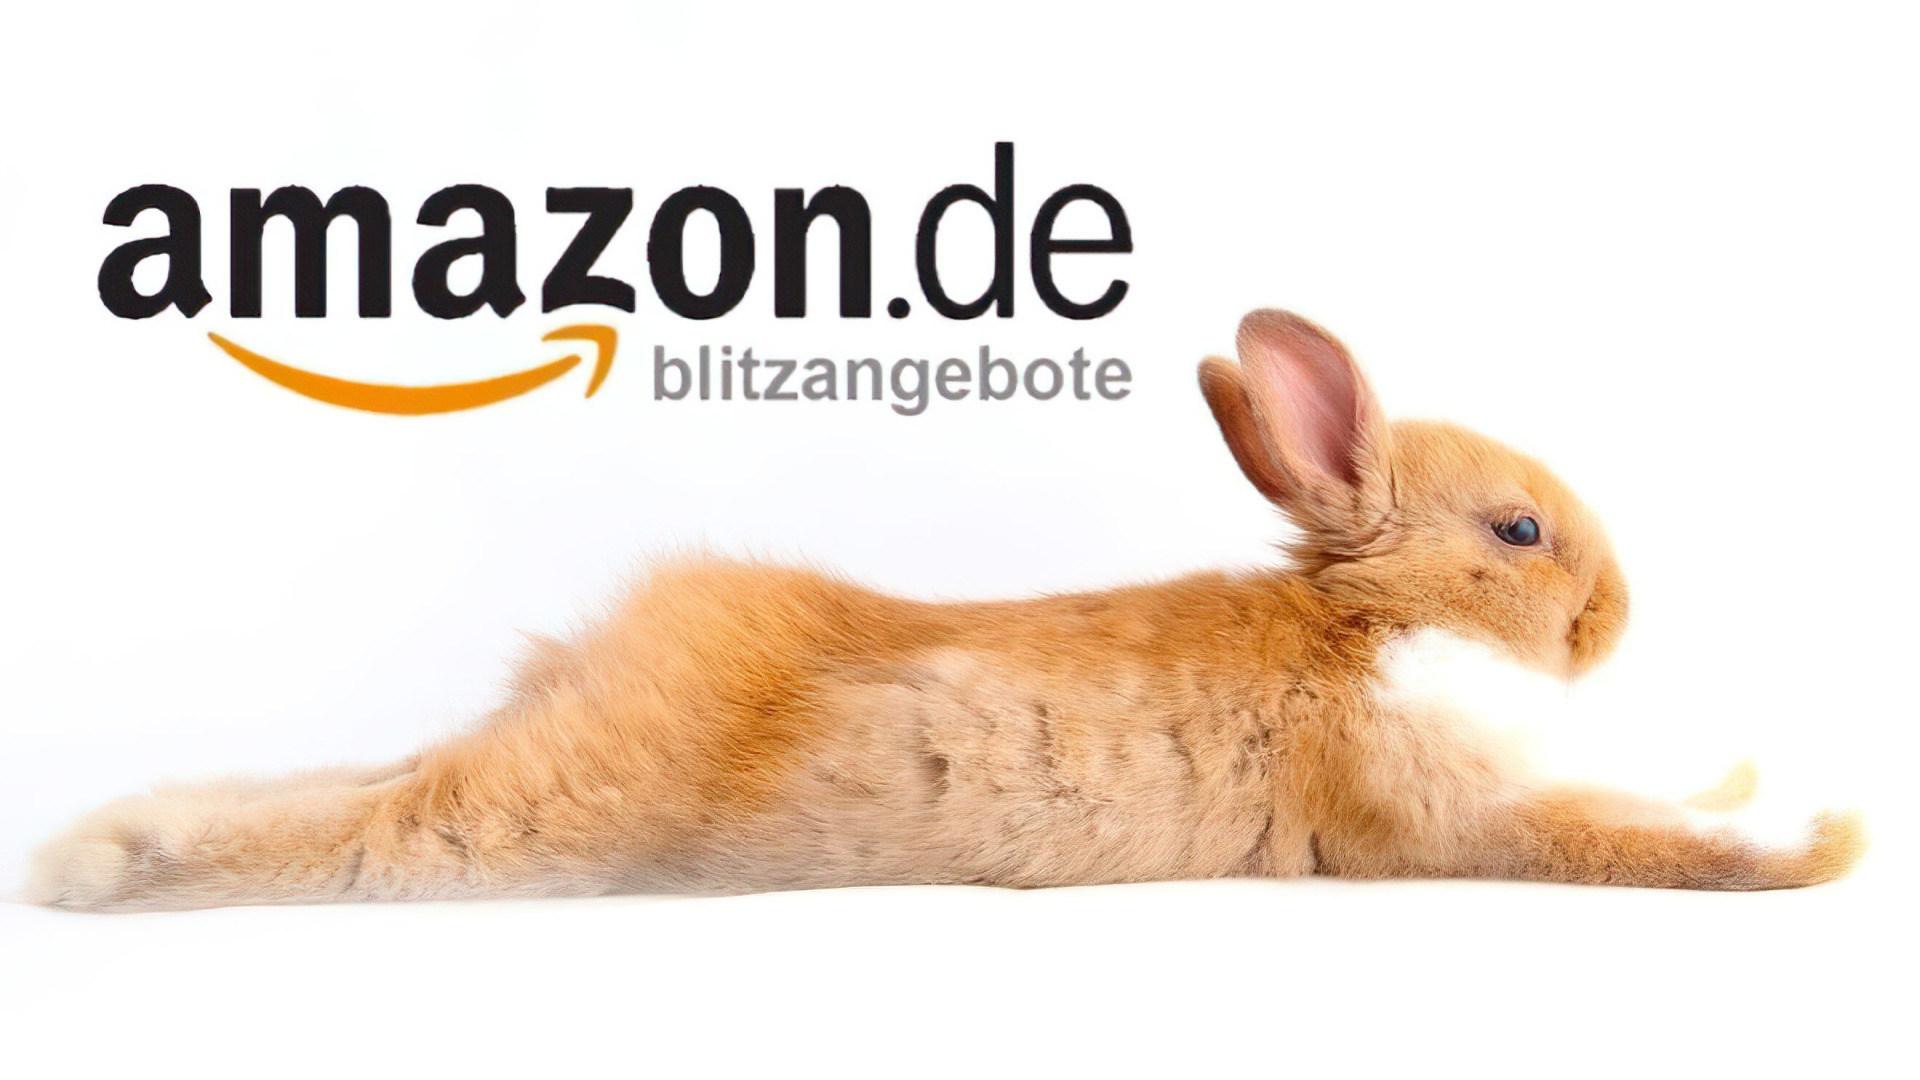 Amazon, Logo, Sonderangebote, Blitzangebote, Ostern, Oster-Angebots-Woche